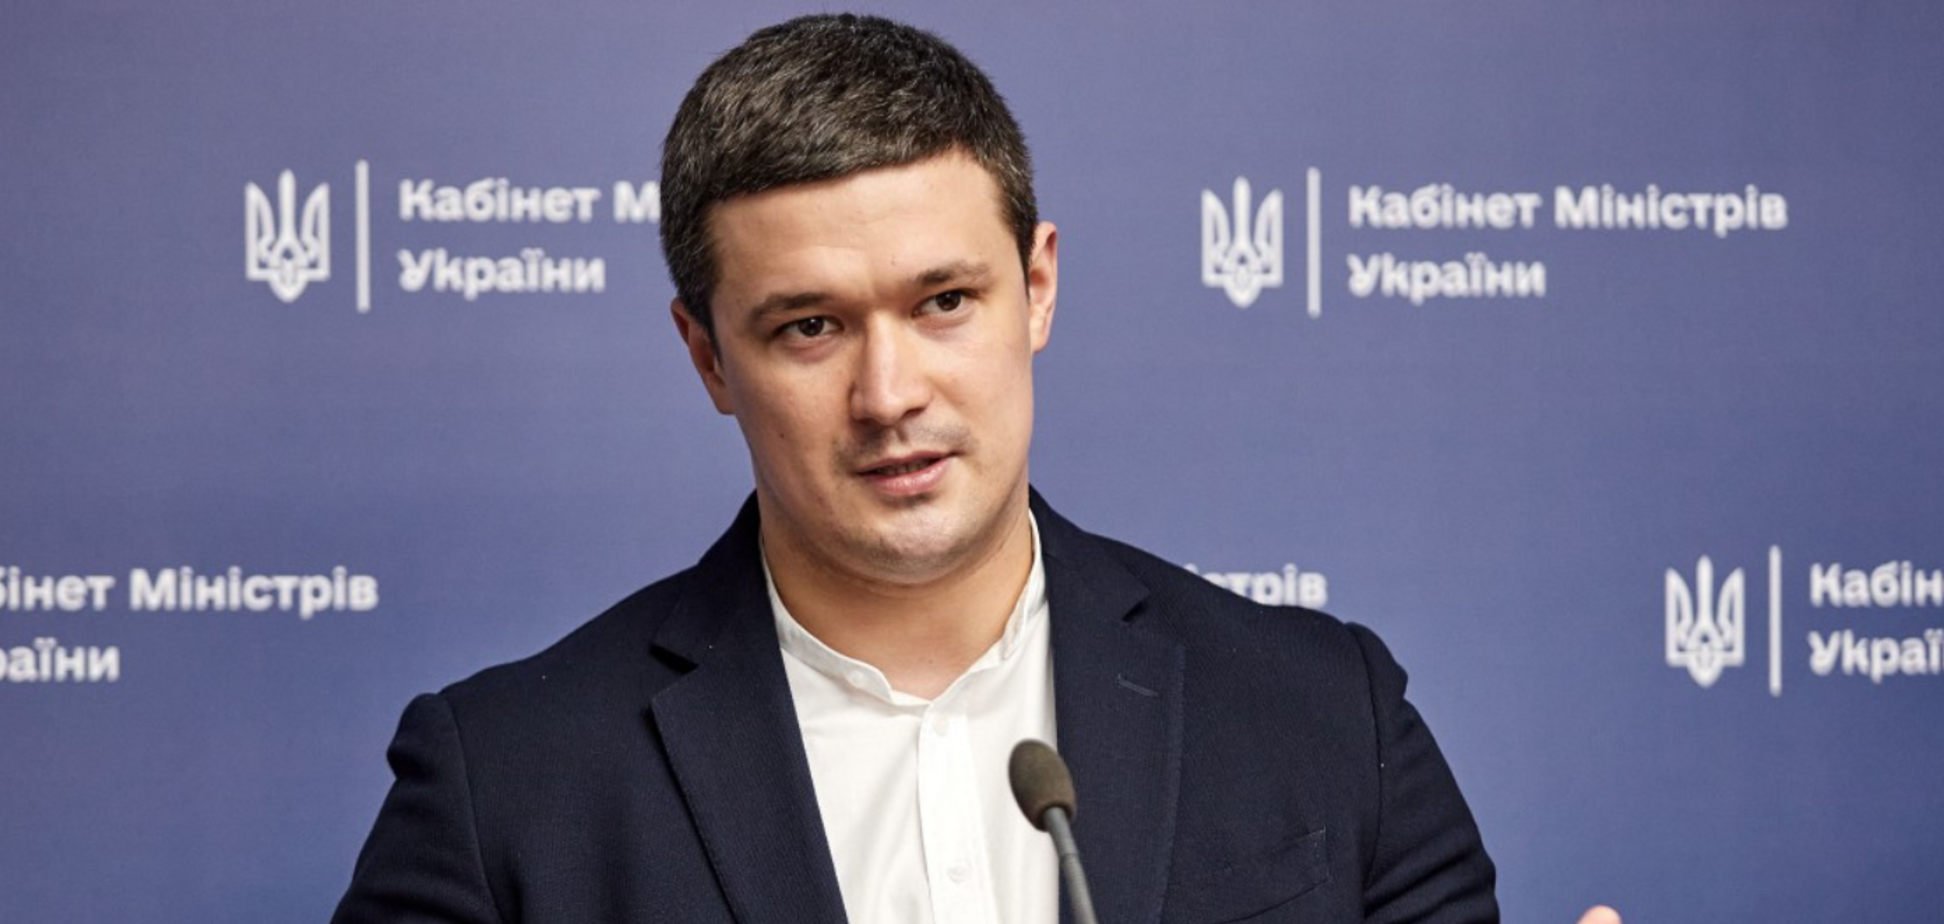 Міністр Мінцифри Михайло Федоров